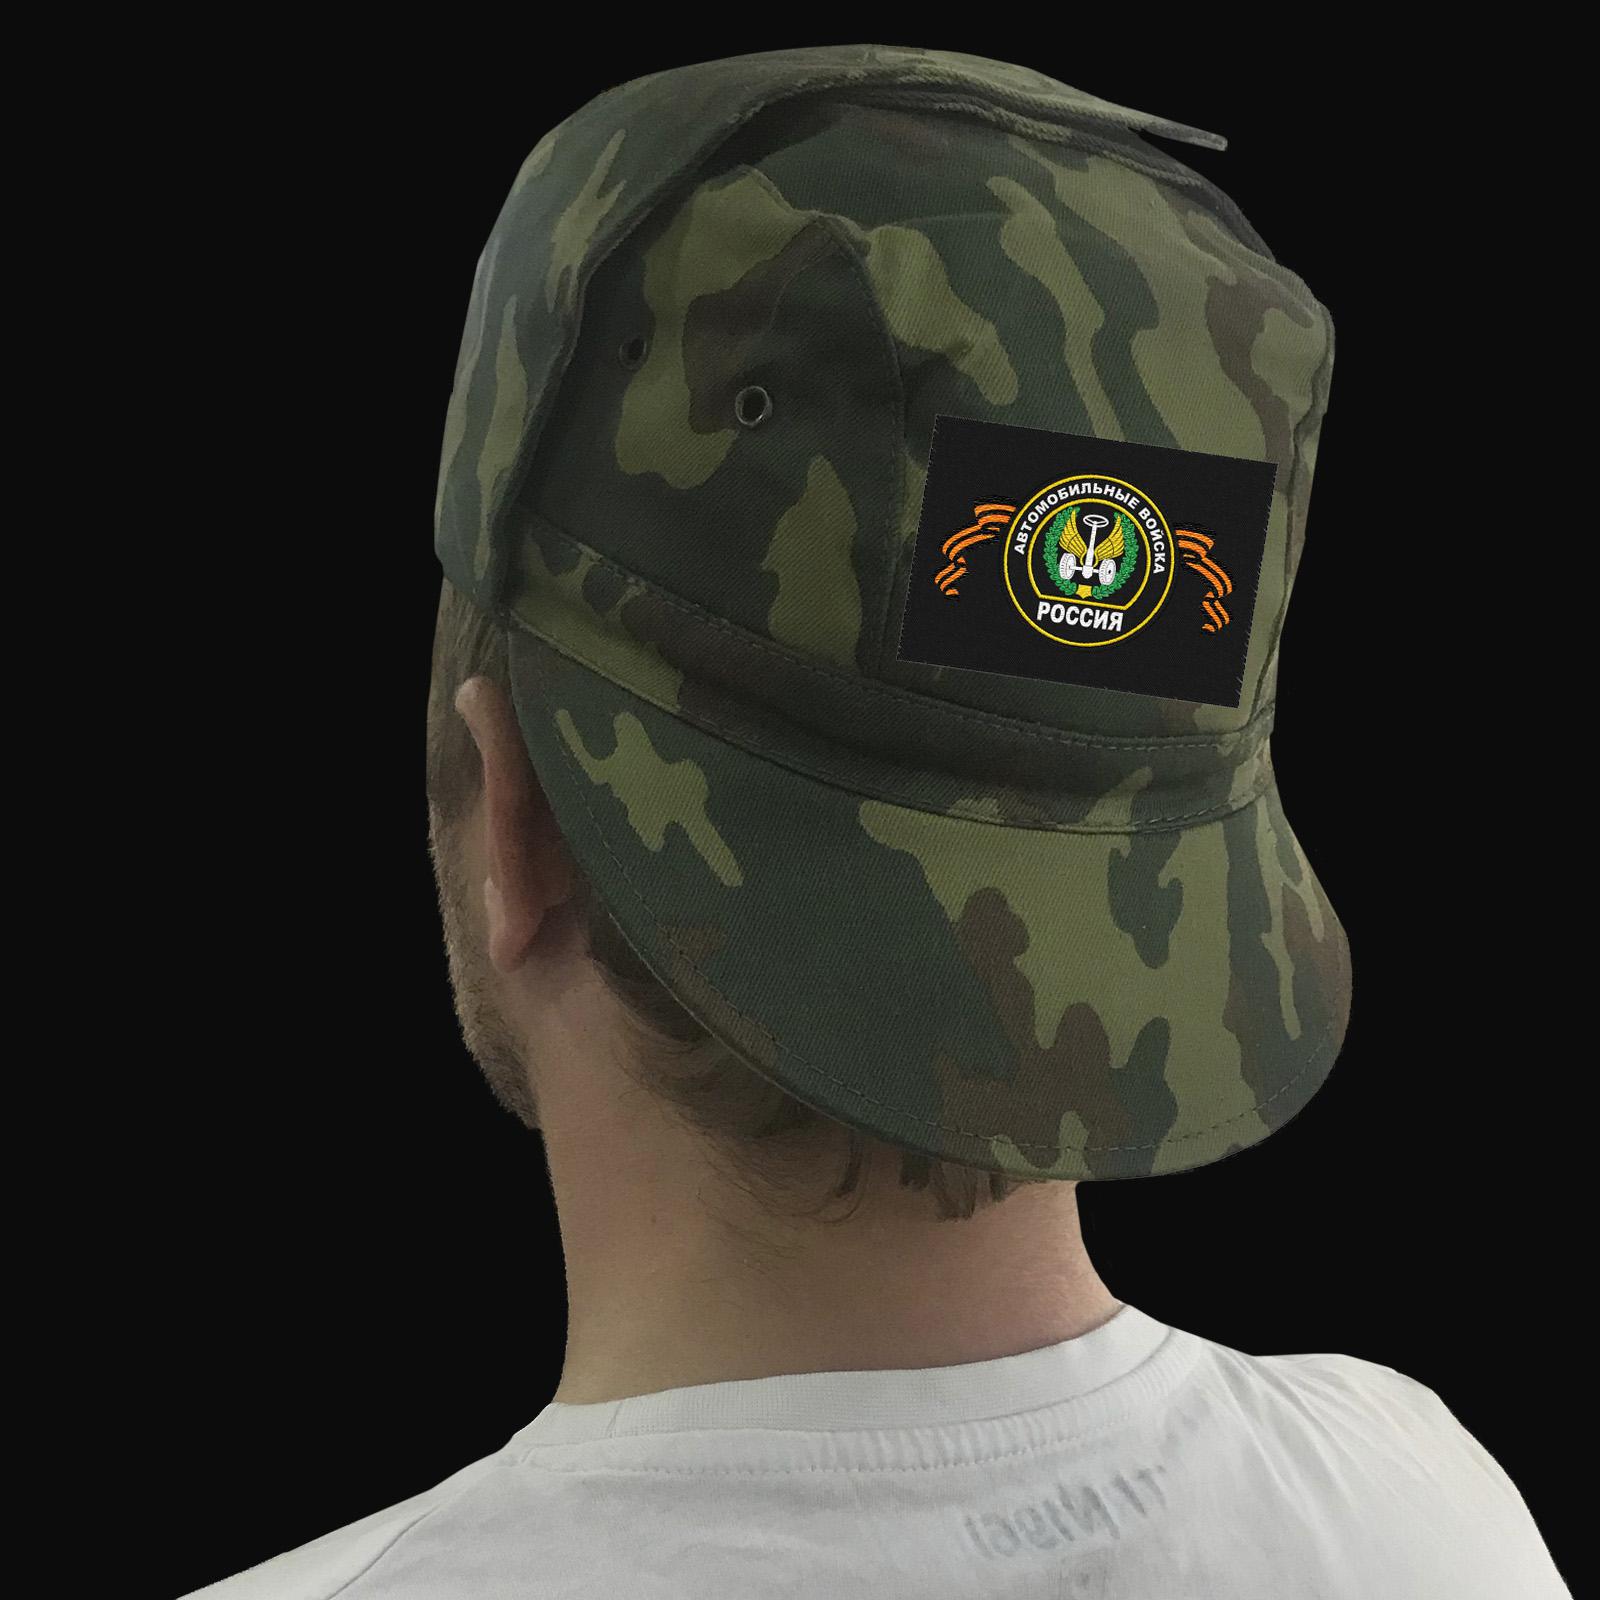 Полевые кепки камуфляж с шевронами различных родов войск РФ